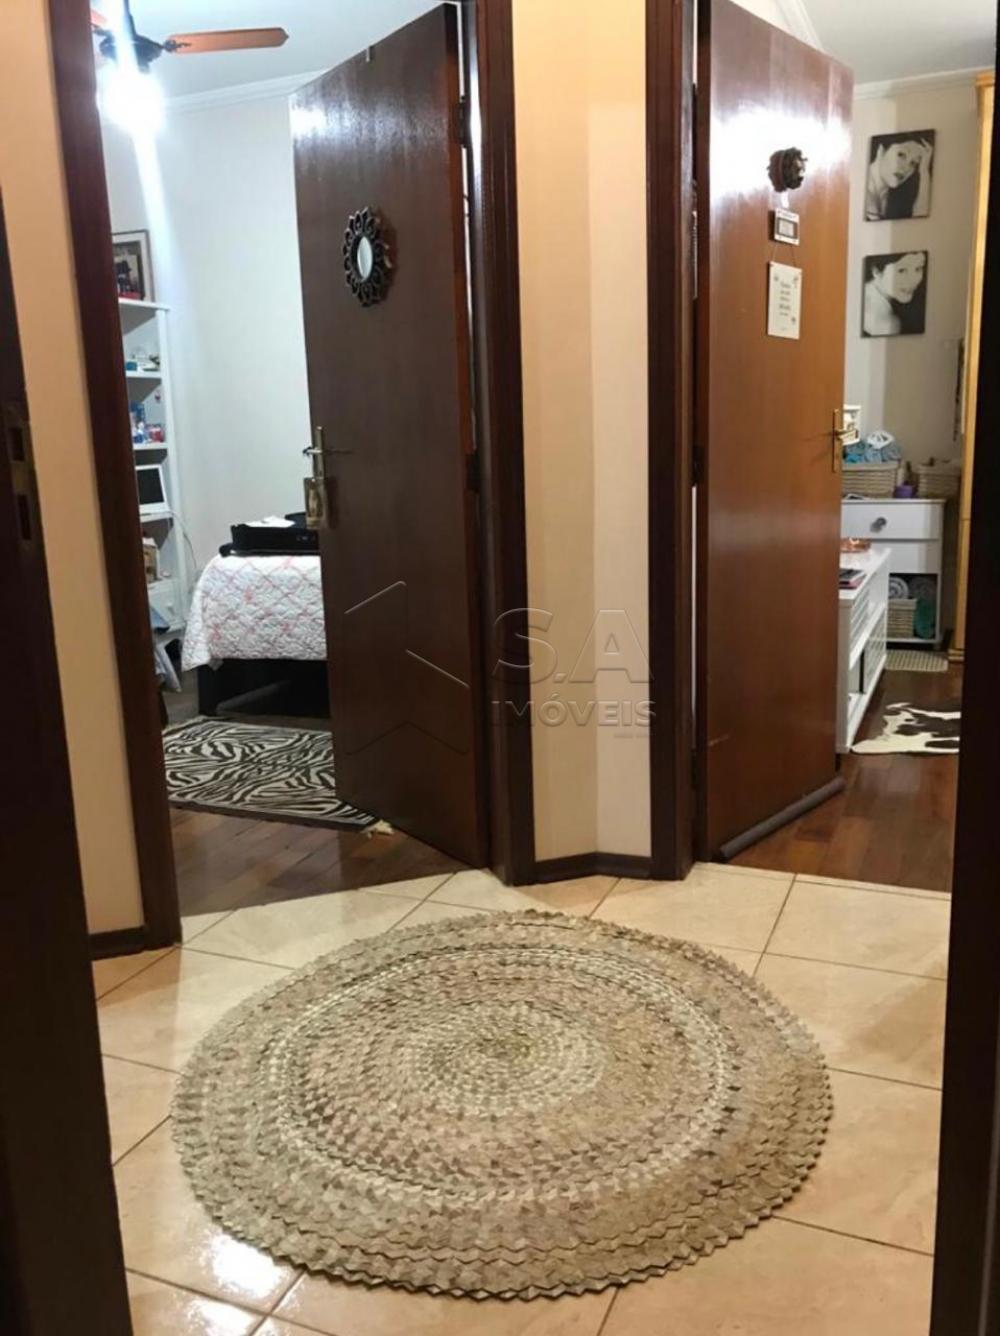 Comprar Casa / Padrão em Botucatu apenas R$ 470.000,00 - Foto 17